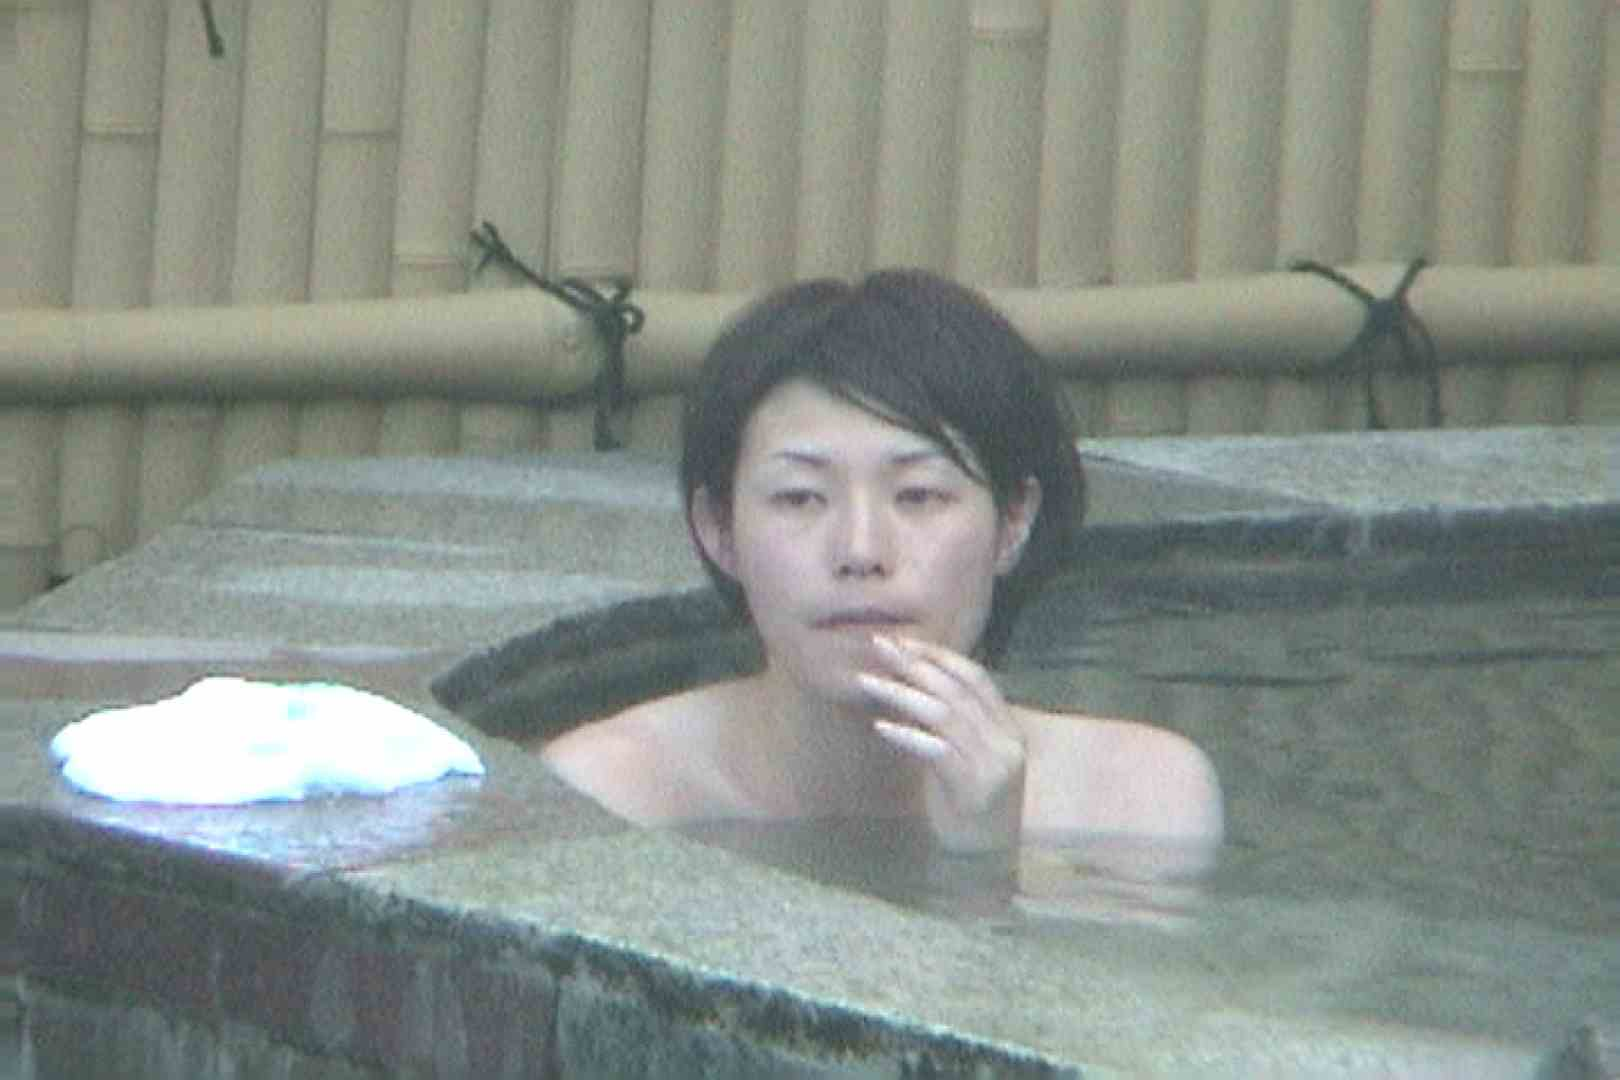 Aquaな露天風呂Vol.100【VIP限定】 盗撮 | 露天  98pic 26